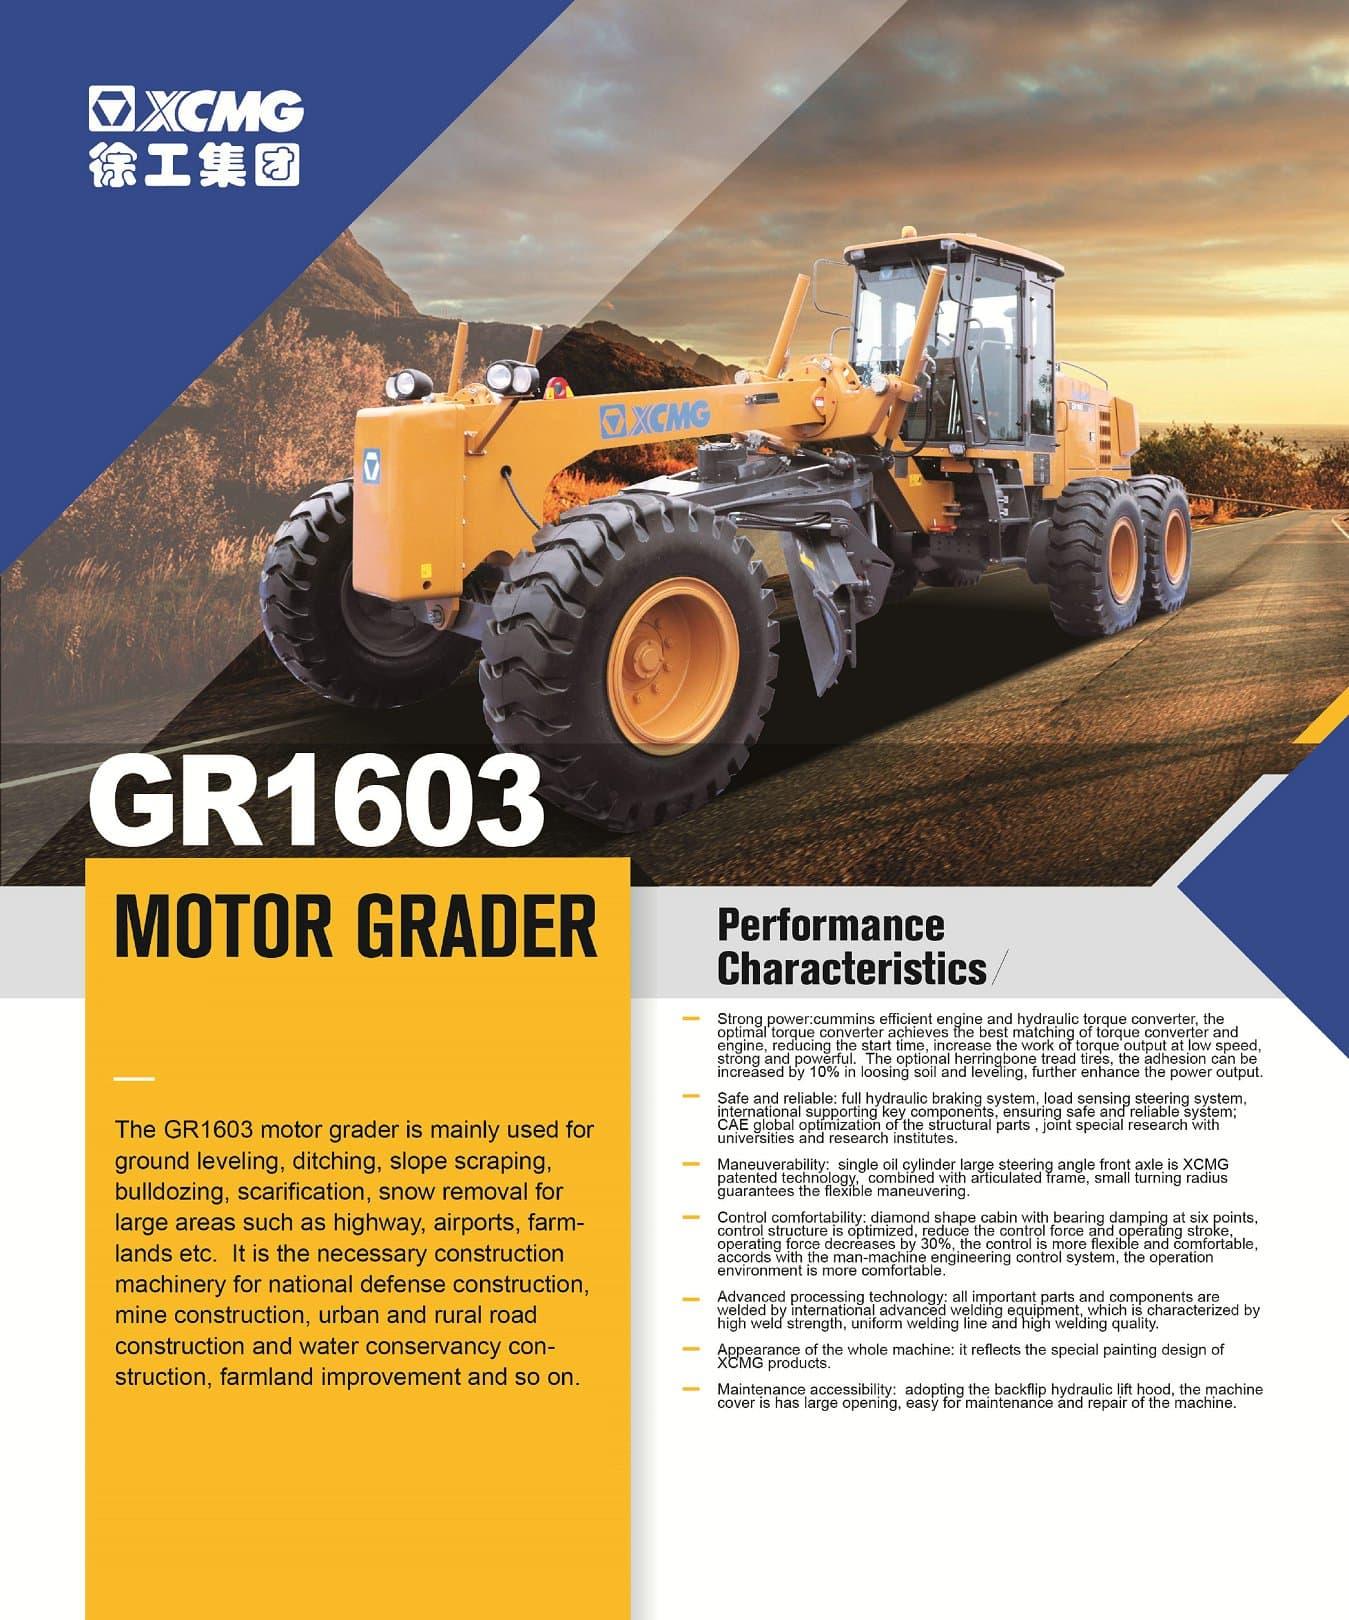 XCMG Official GR1603 Motor Grader for sale